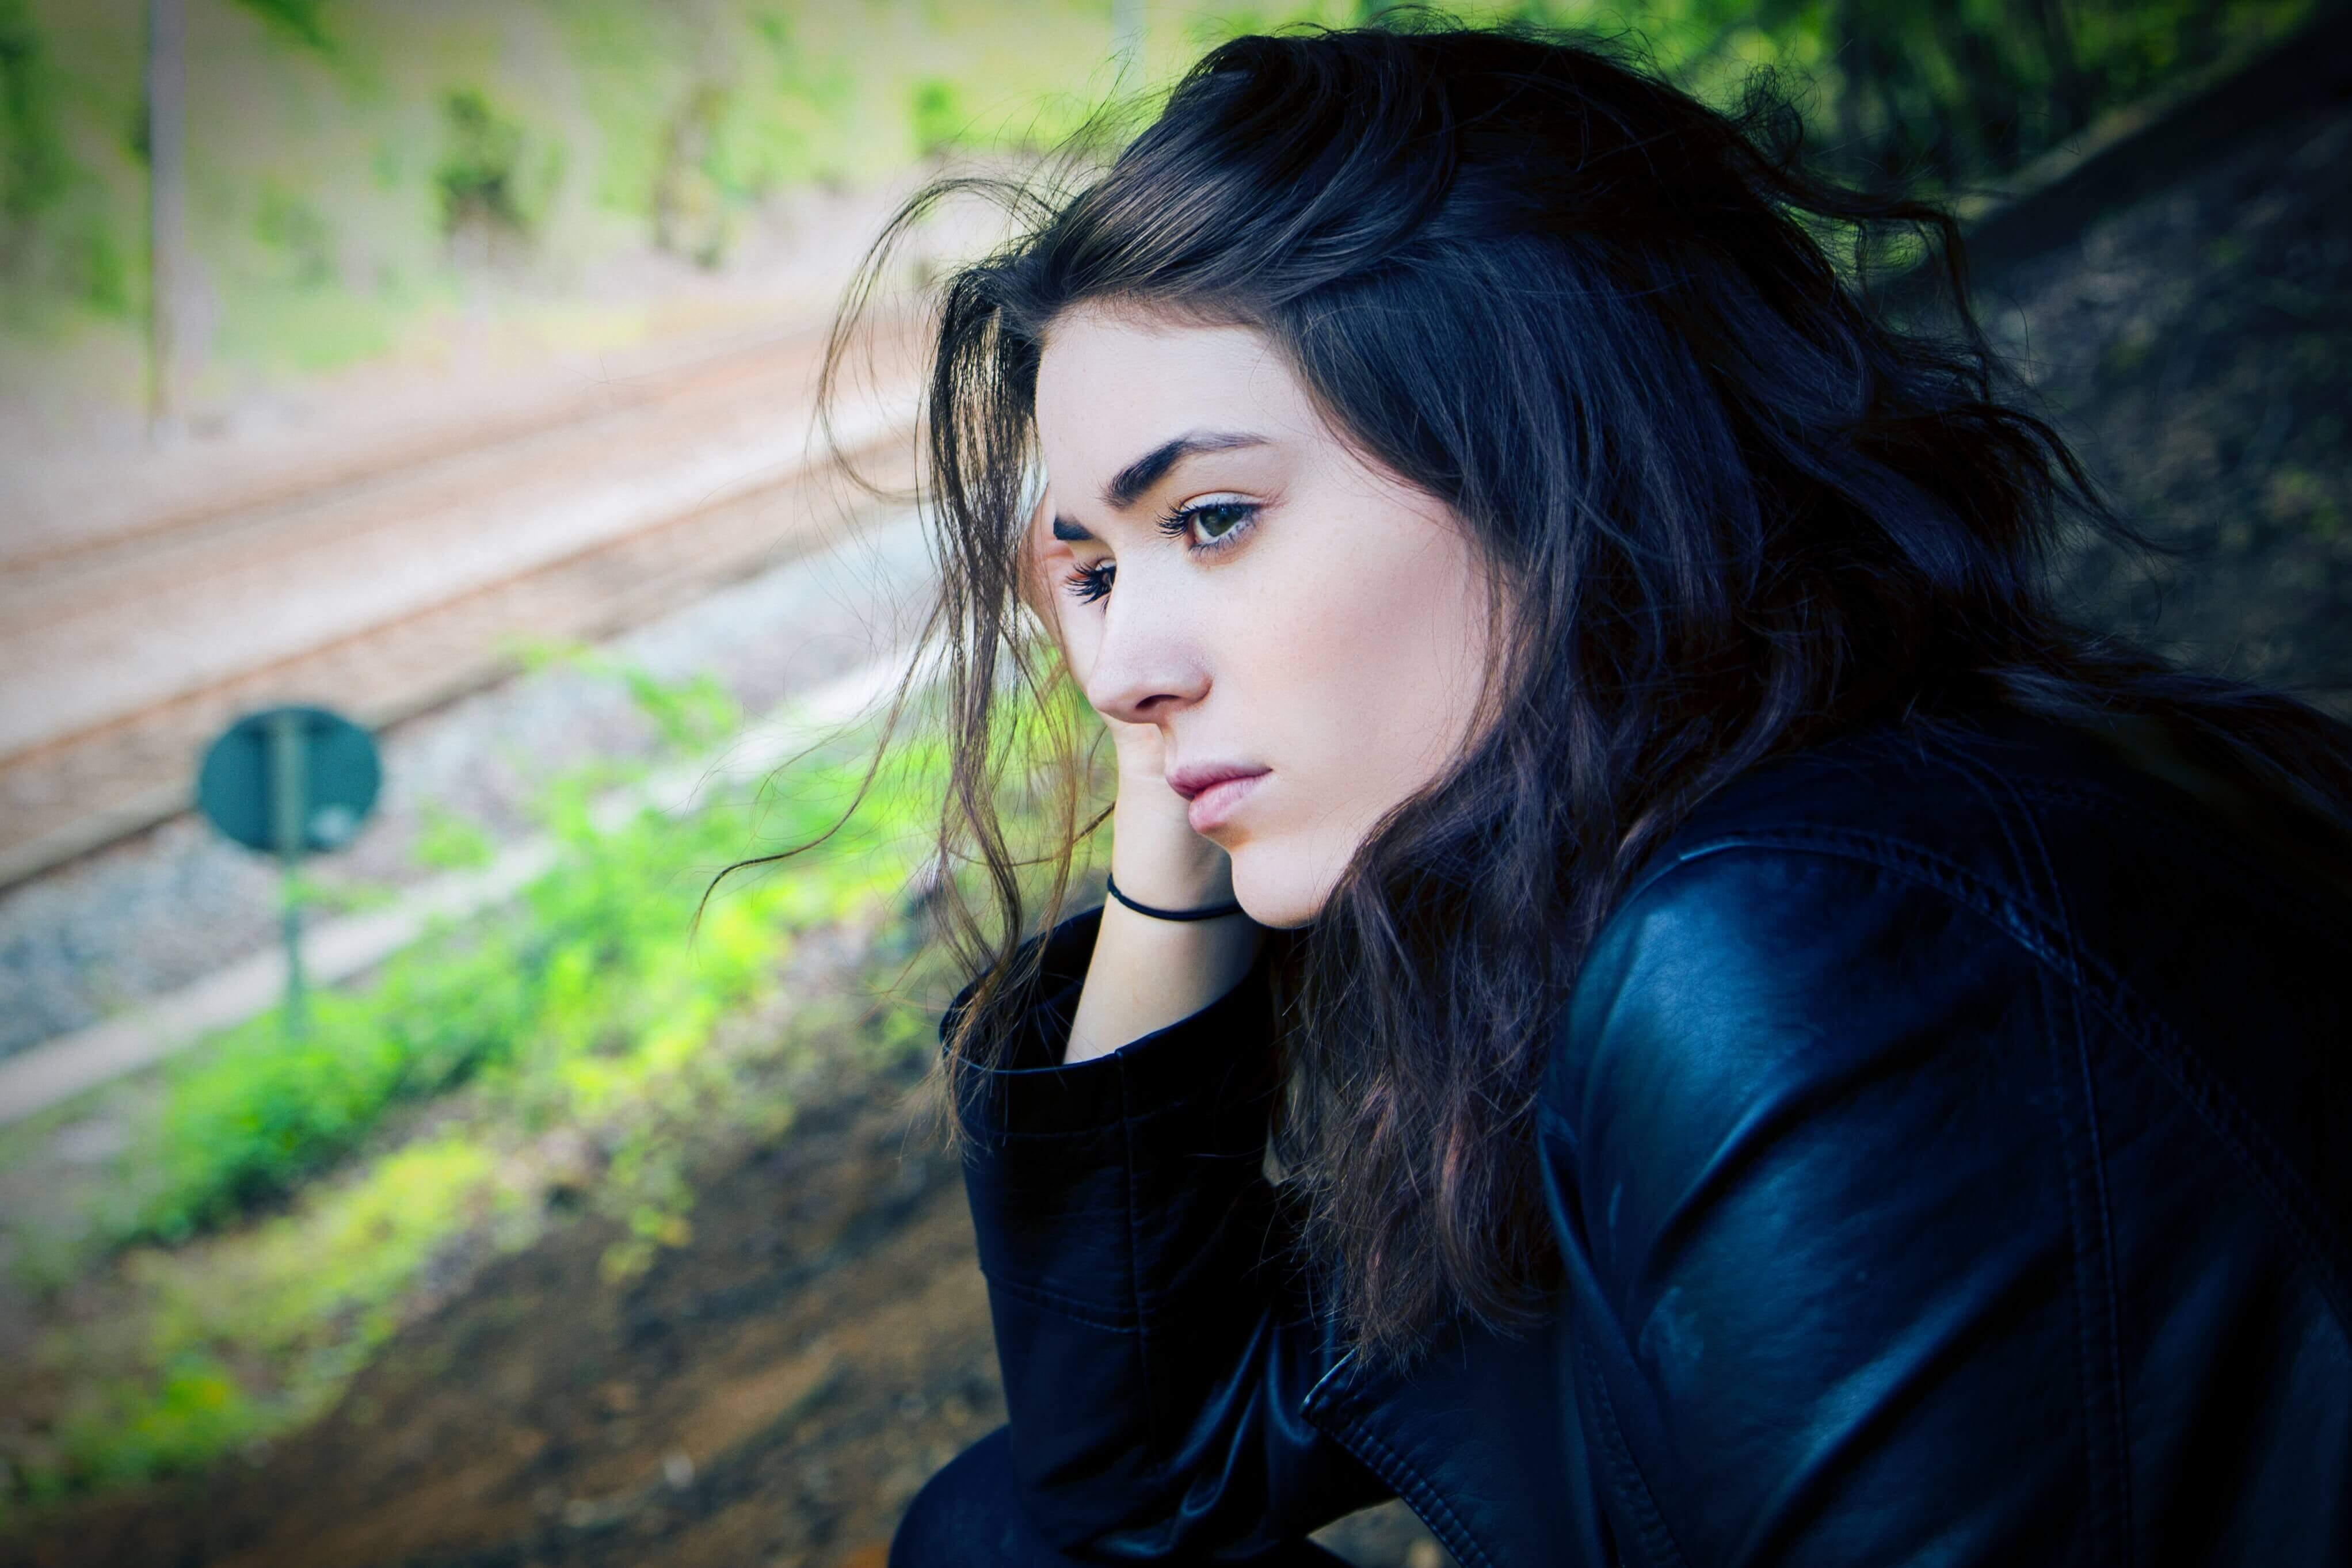 Femme dans la nature pensive